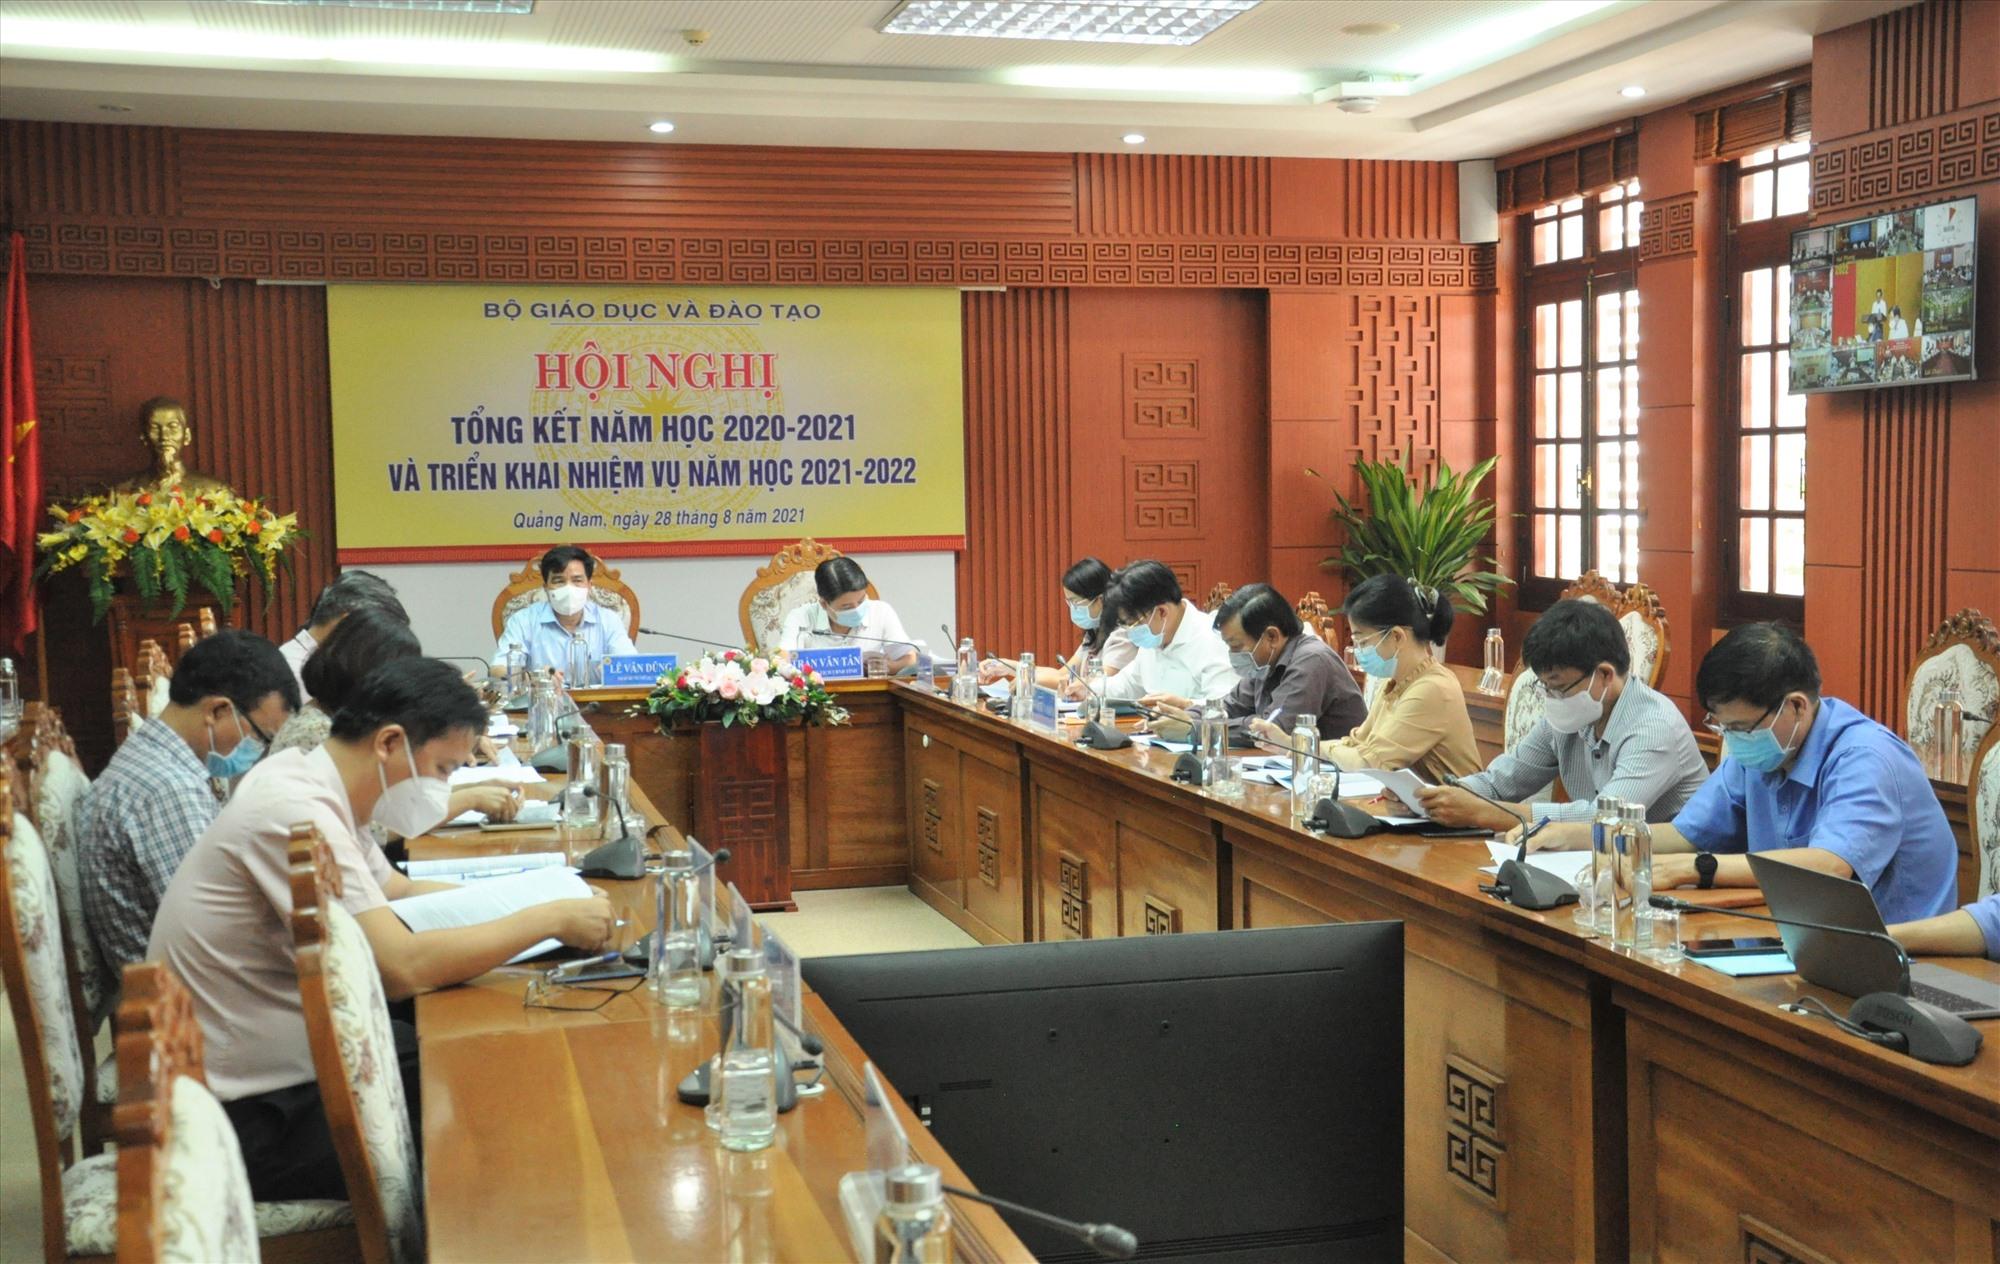 Hội nghị tổng kết năm học toàn quốc tại đầu cầu Quảng Nam. Ảnh: X.P